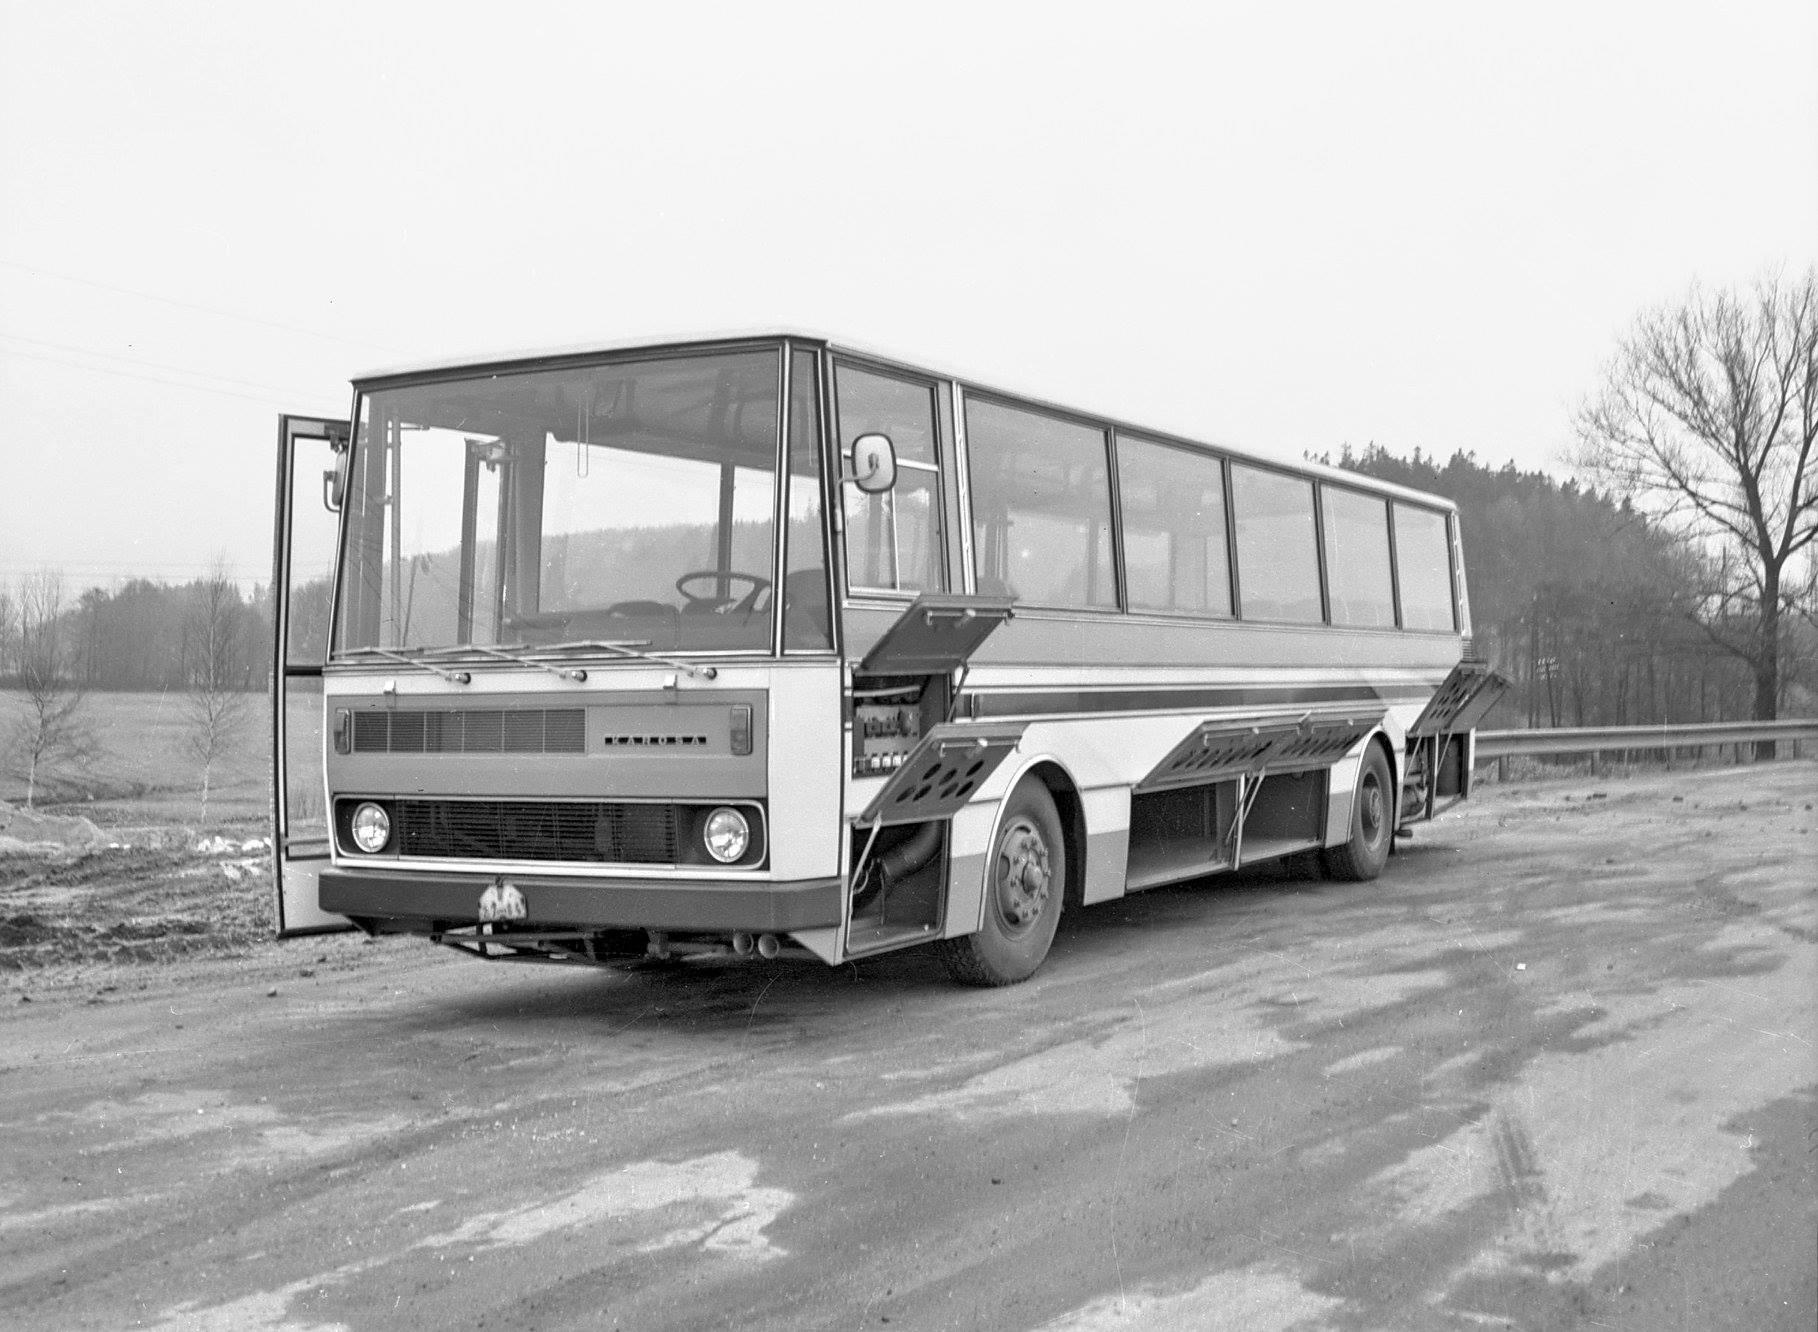 Eind-1973-werd-de-allereerste-bus-geproduceerd-in-een-zeer-succesvolle-serie-700-3